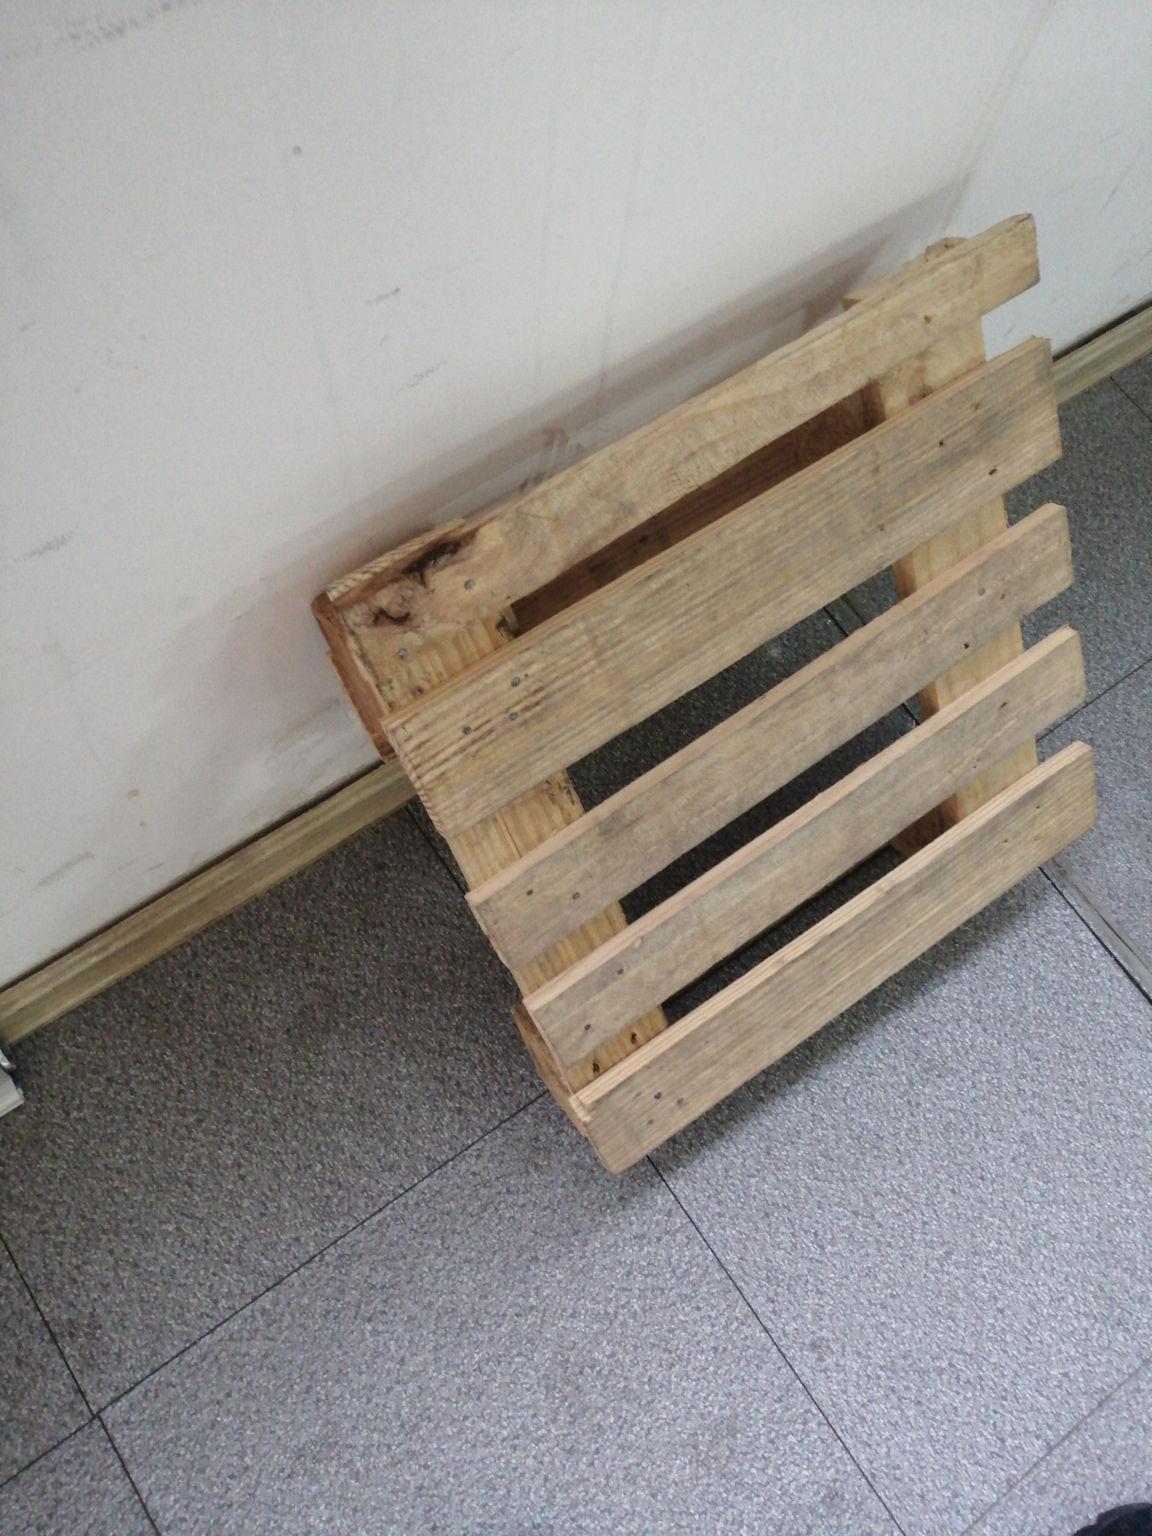 苏州定做标准木托盘供应商专业生产各种尺寸规??,ℤせ的托盘